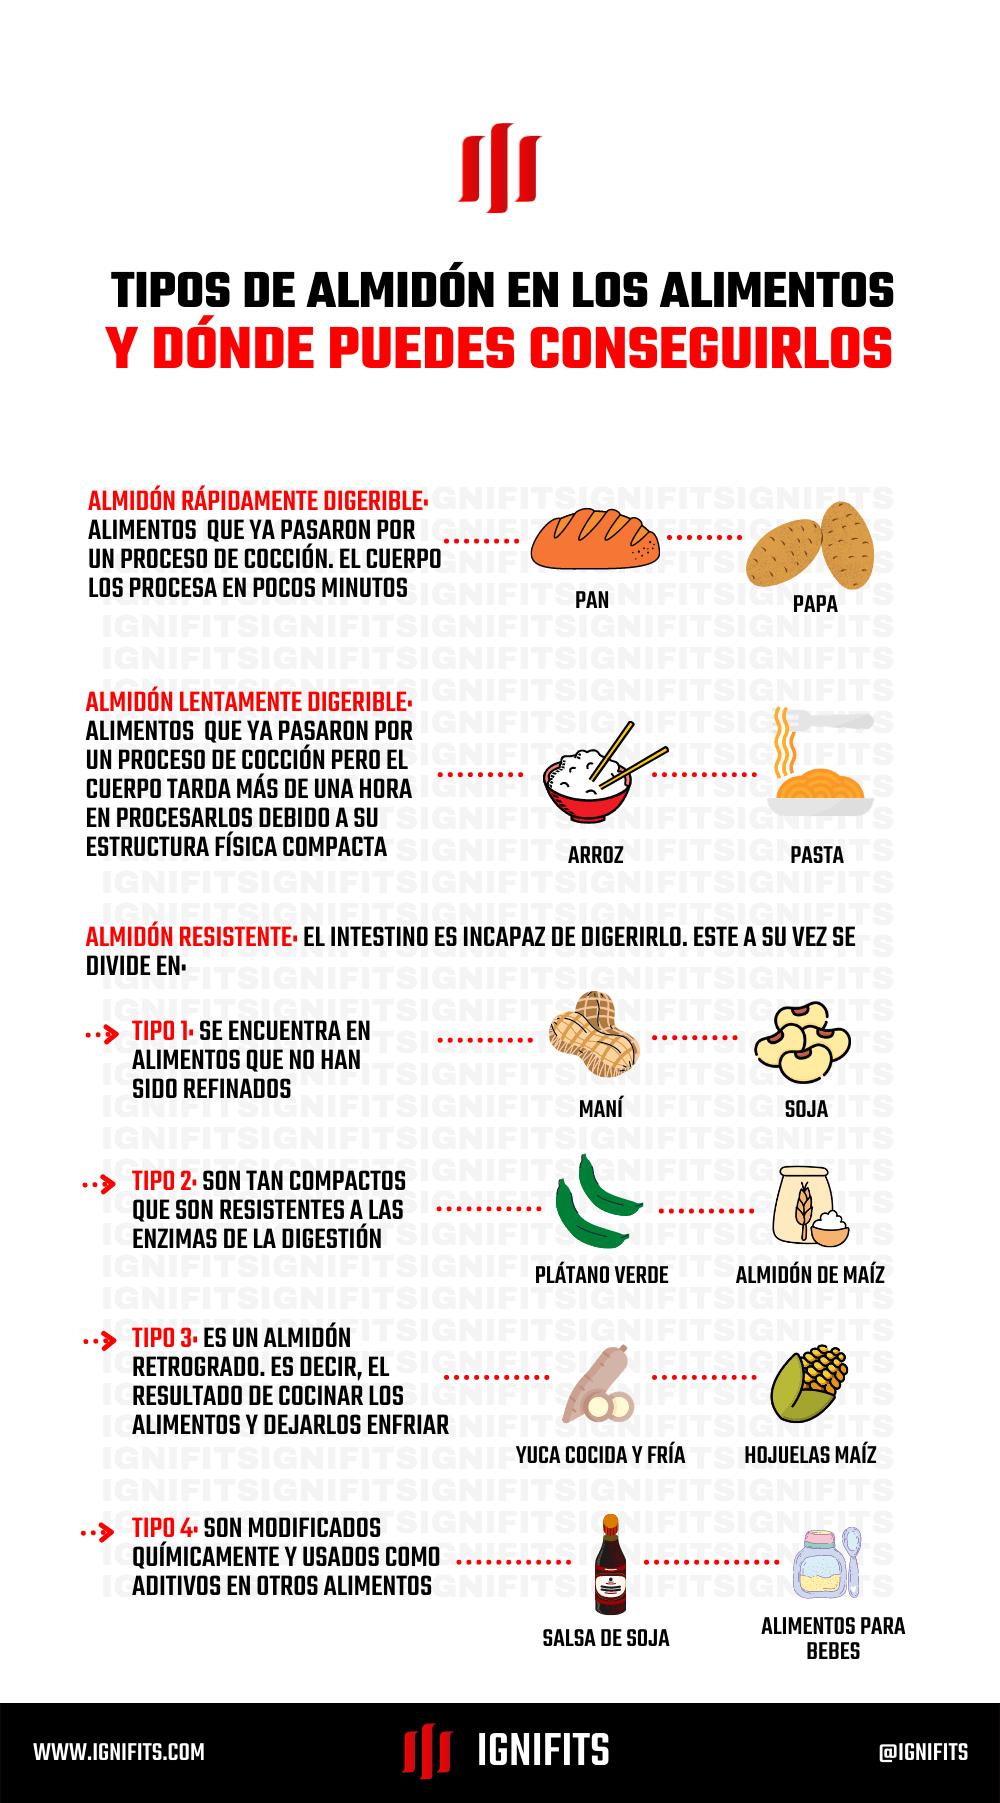 infografia sobre alimentos con almidon